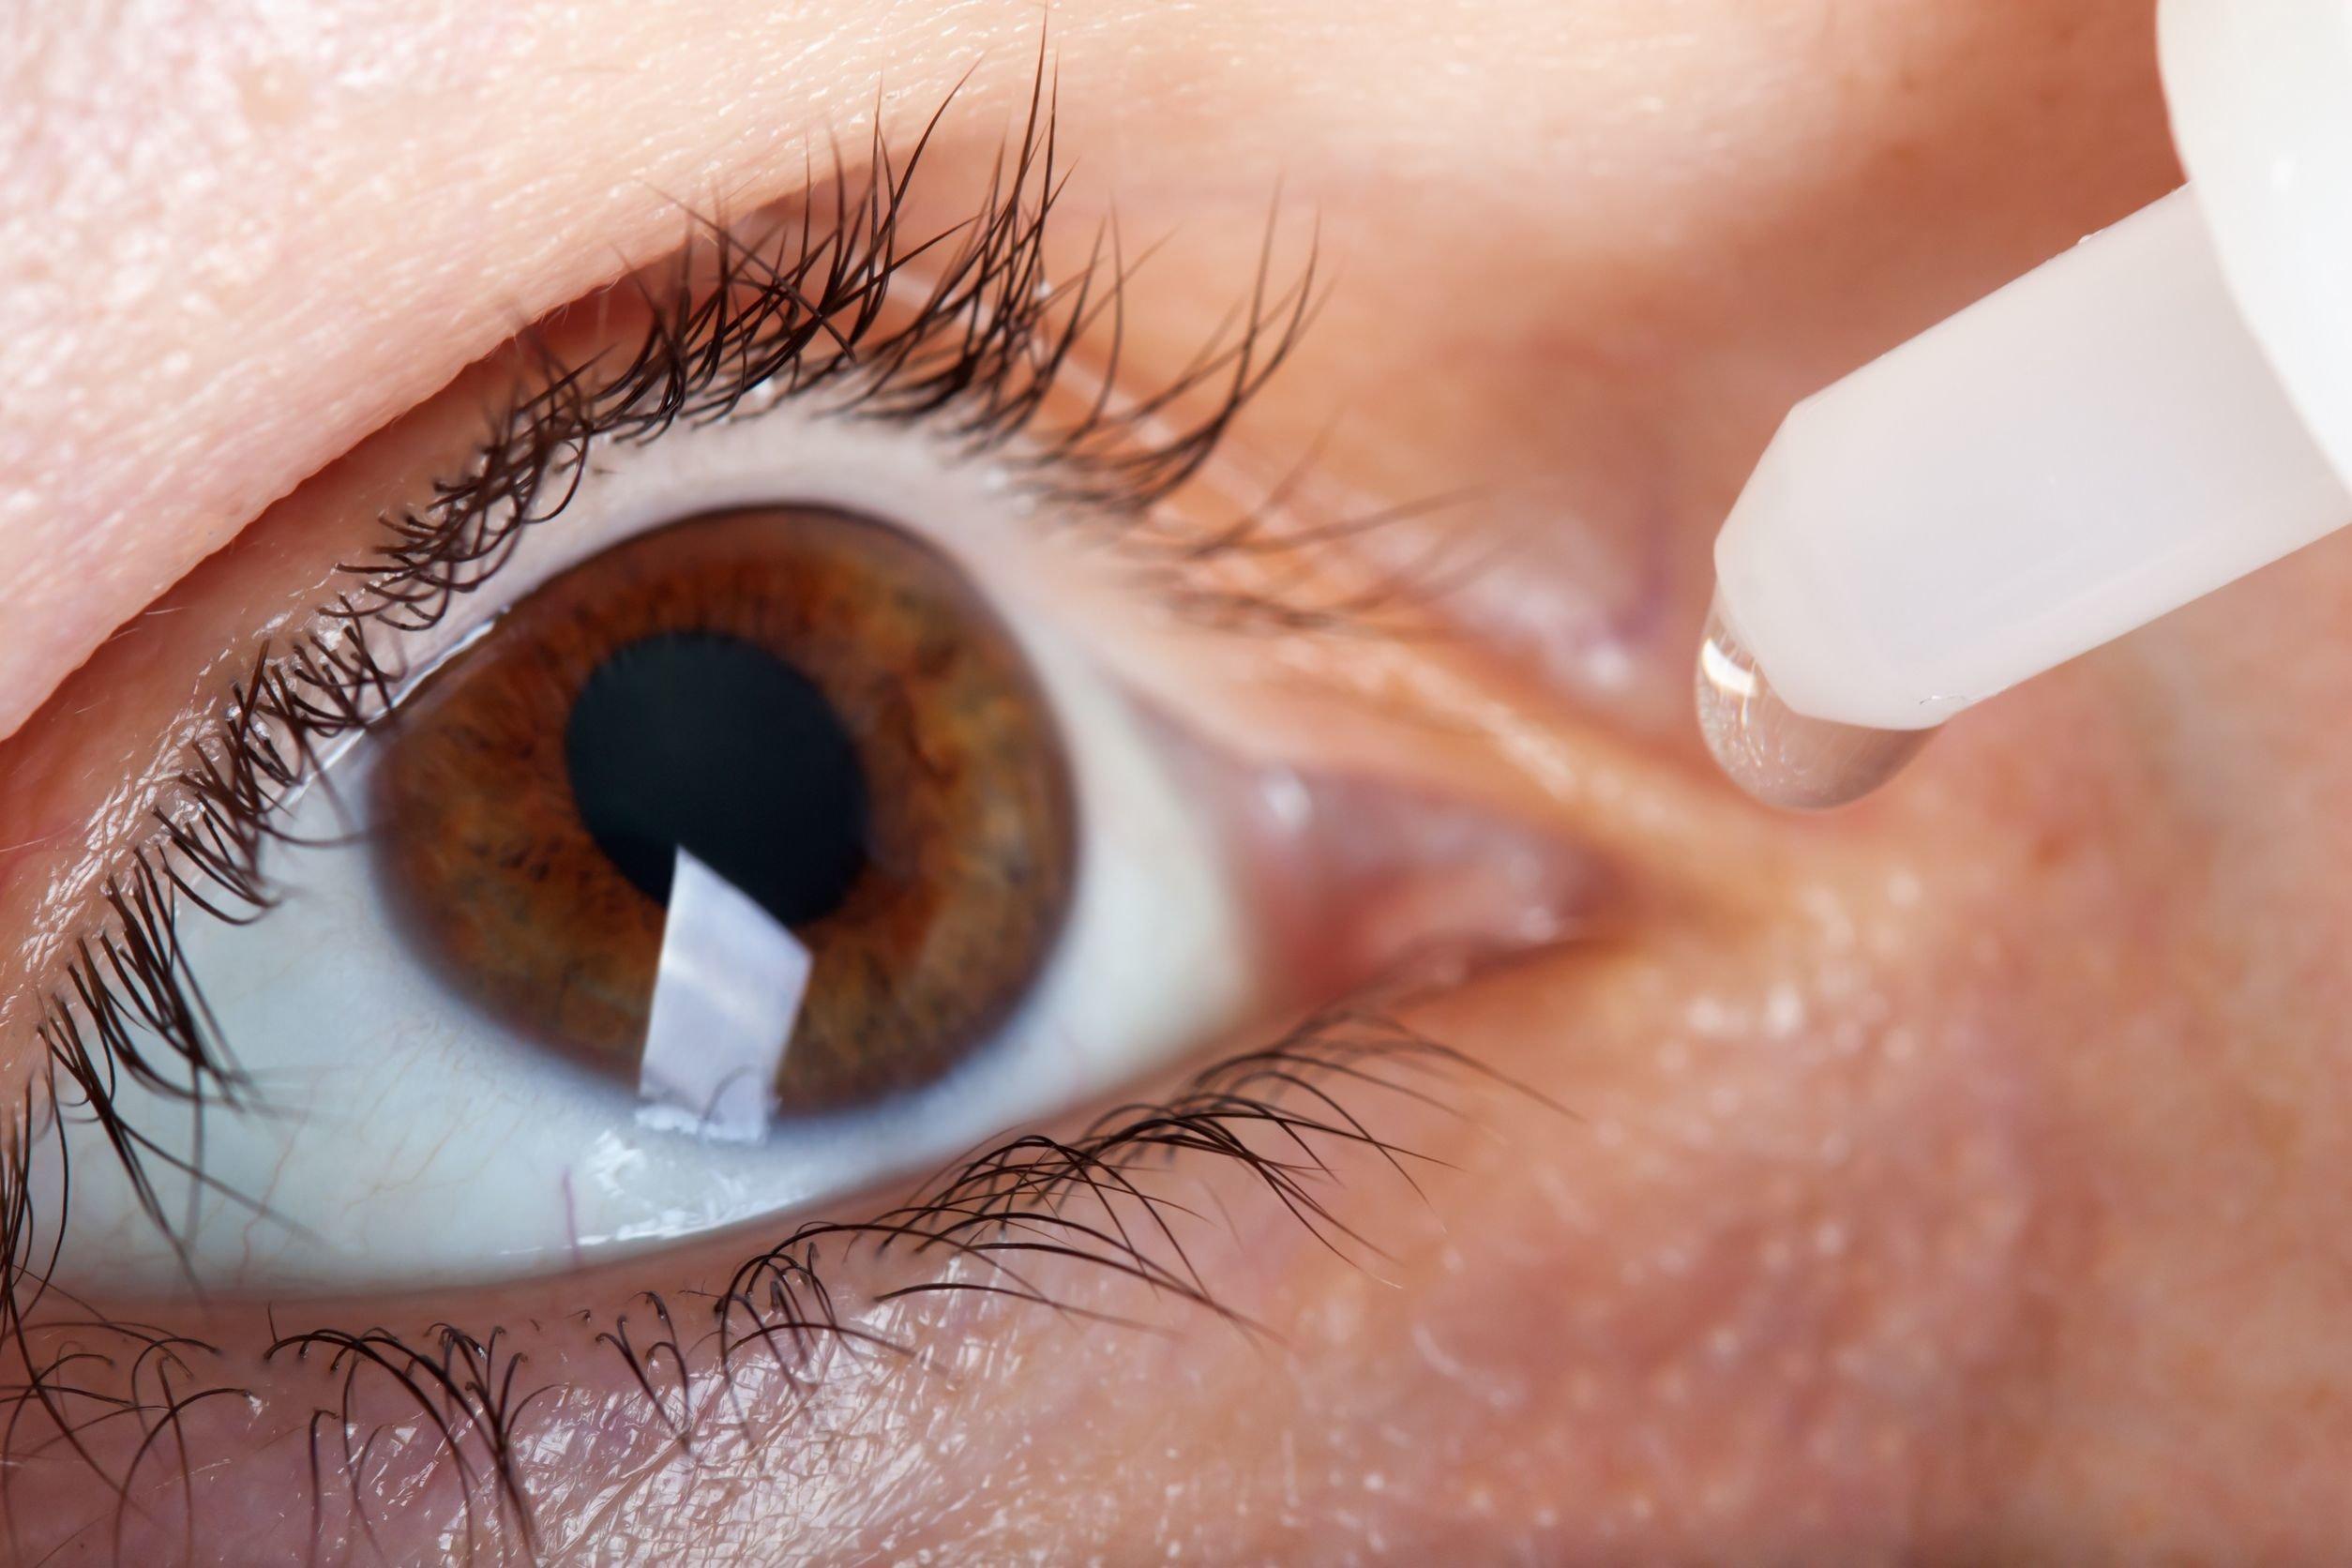 2c65c8a01b Consejos para prevenir el síndrome del ojo seco - Enfermedades Y ...